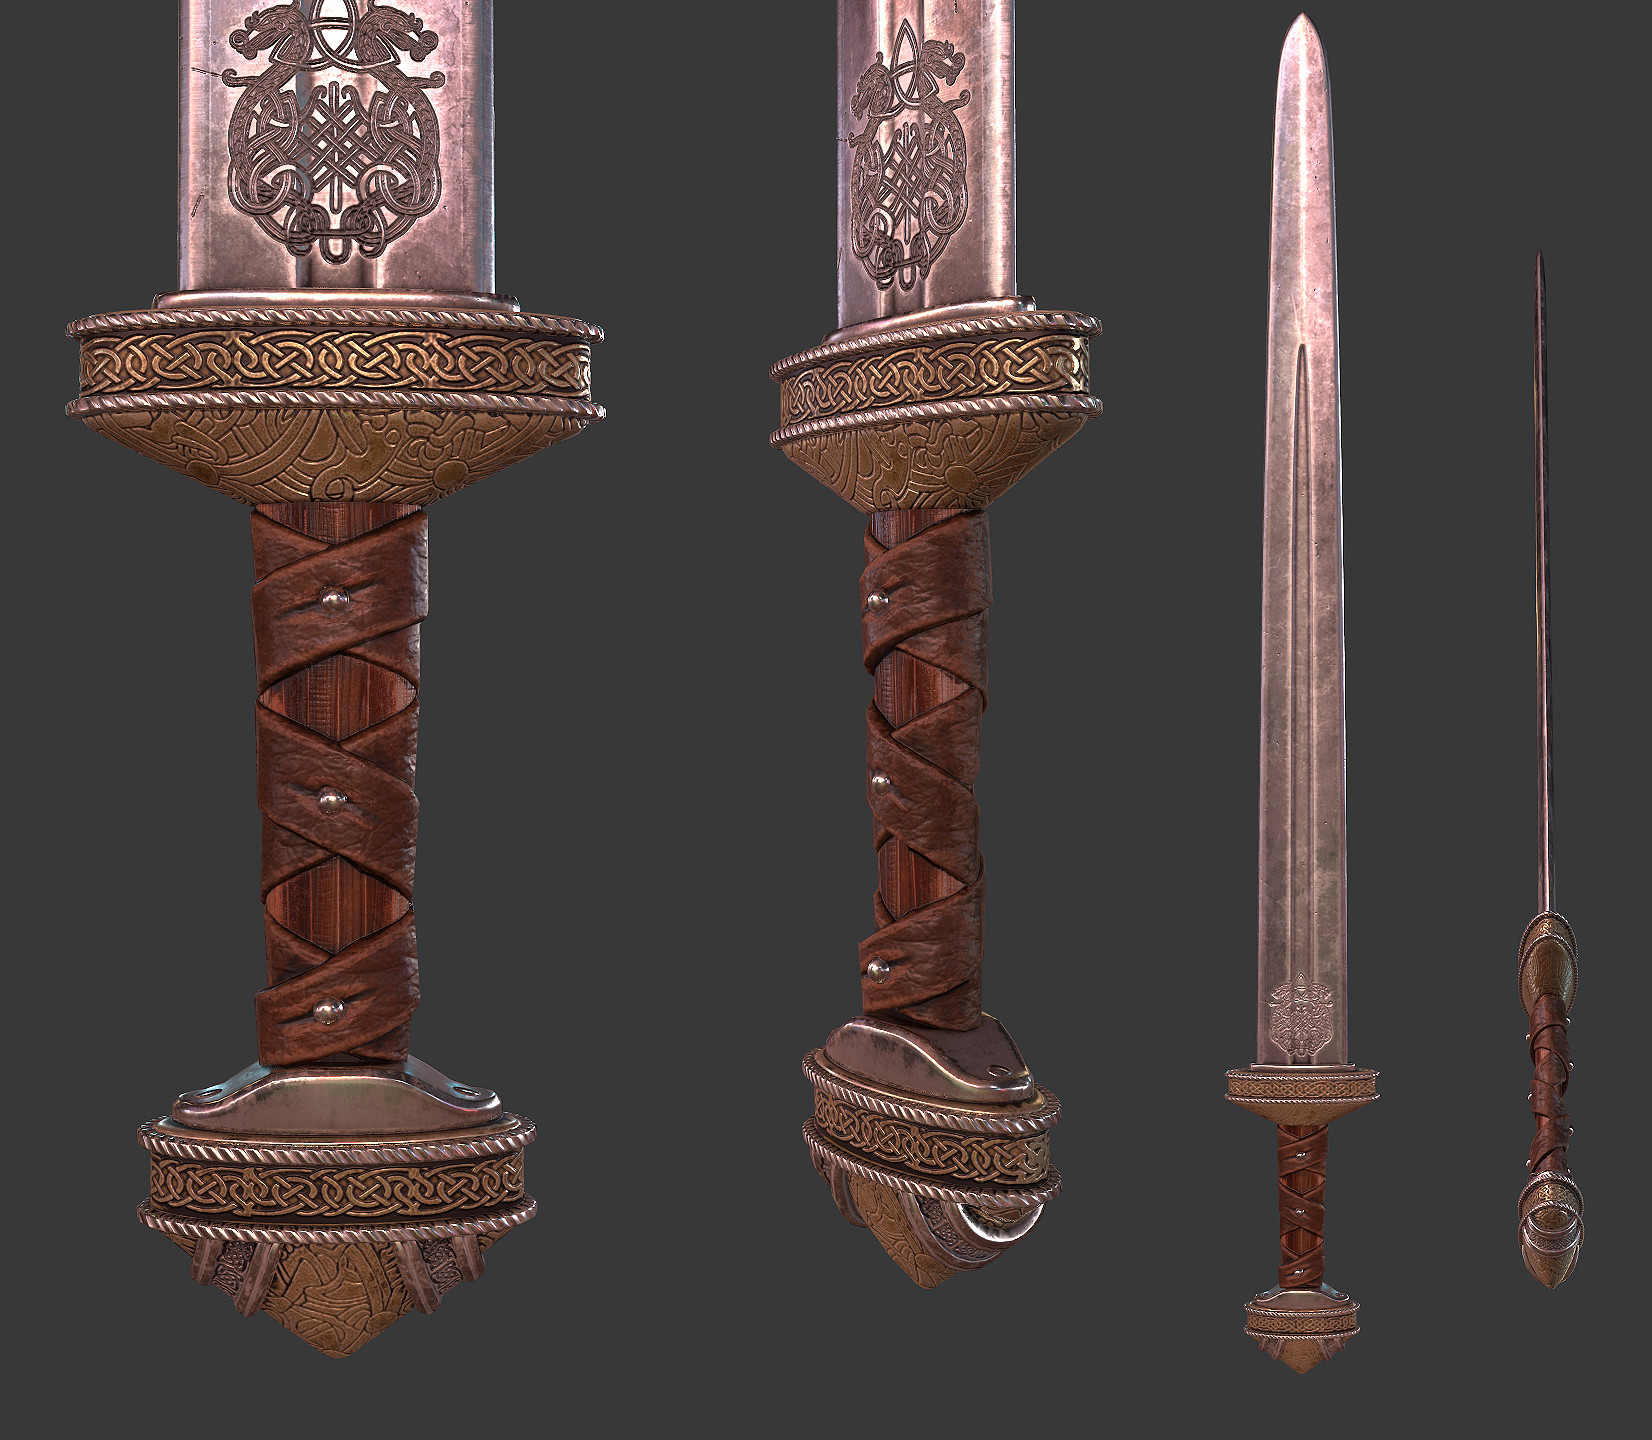 Viking Sword and Helmet